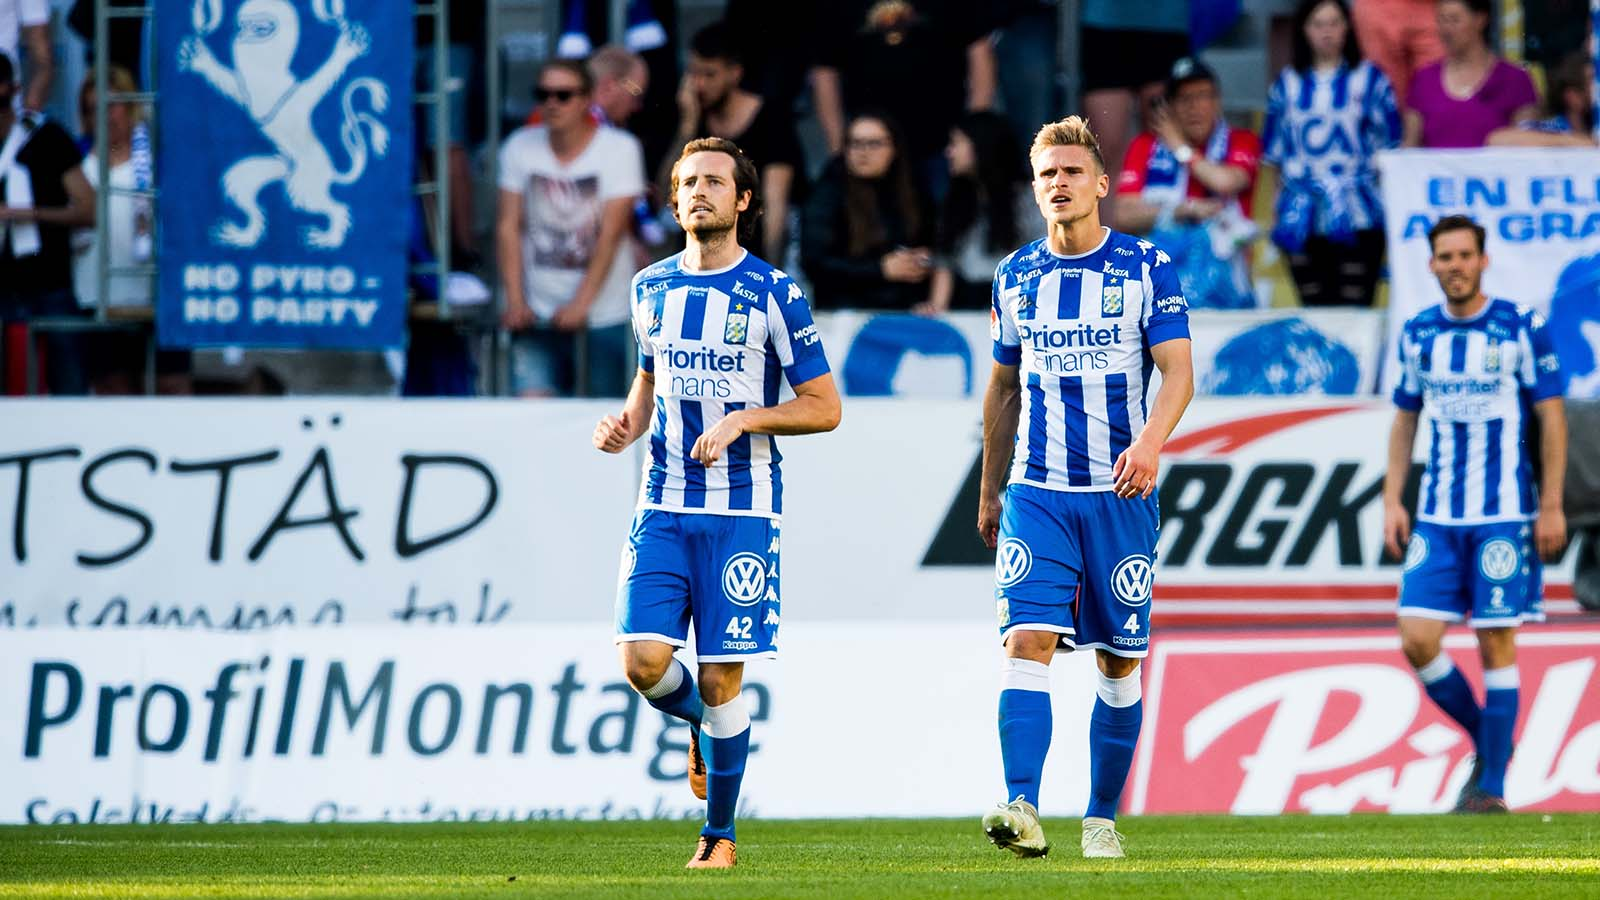 180524 IFK Göteborgs Mikkel Diskerud och Carl Starfelt deppar efter att Djurgårdens Felix Beijmo (ej i bild) har gjort 0-2 under fotbollsmatchen i Allsvenskan mellan IFK Göteborg och Djurgården den 24 maj 2018 i Göteborg. Foto: Carl Sandin / BILDBYRÅN / kod CS / 57999_356